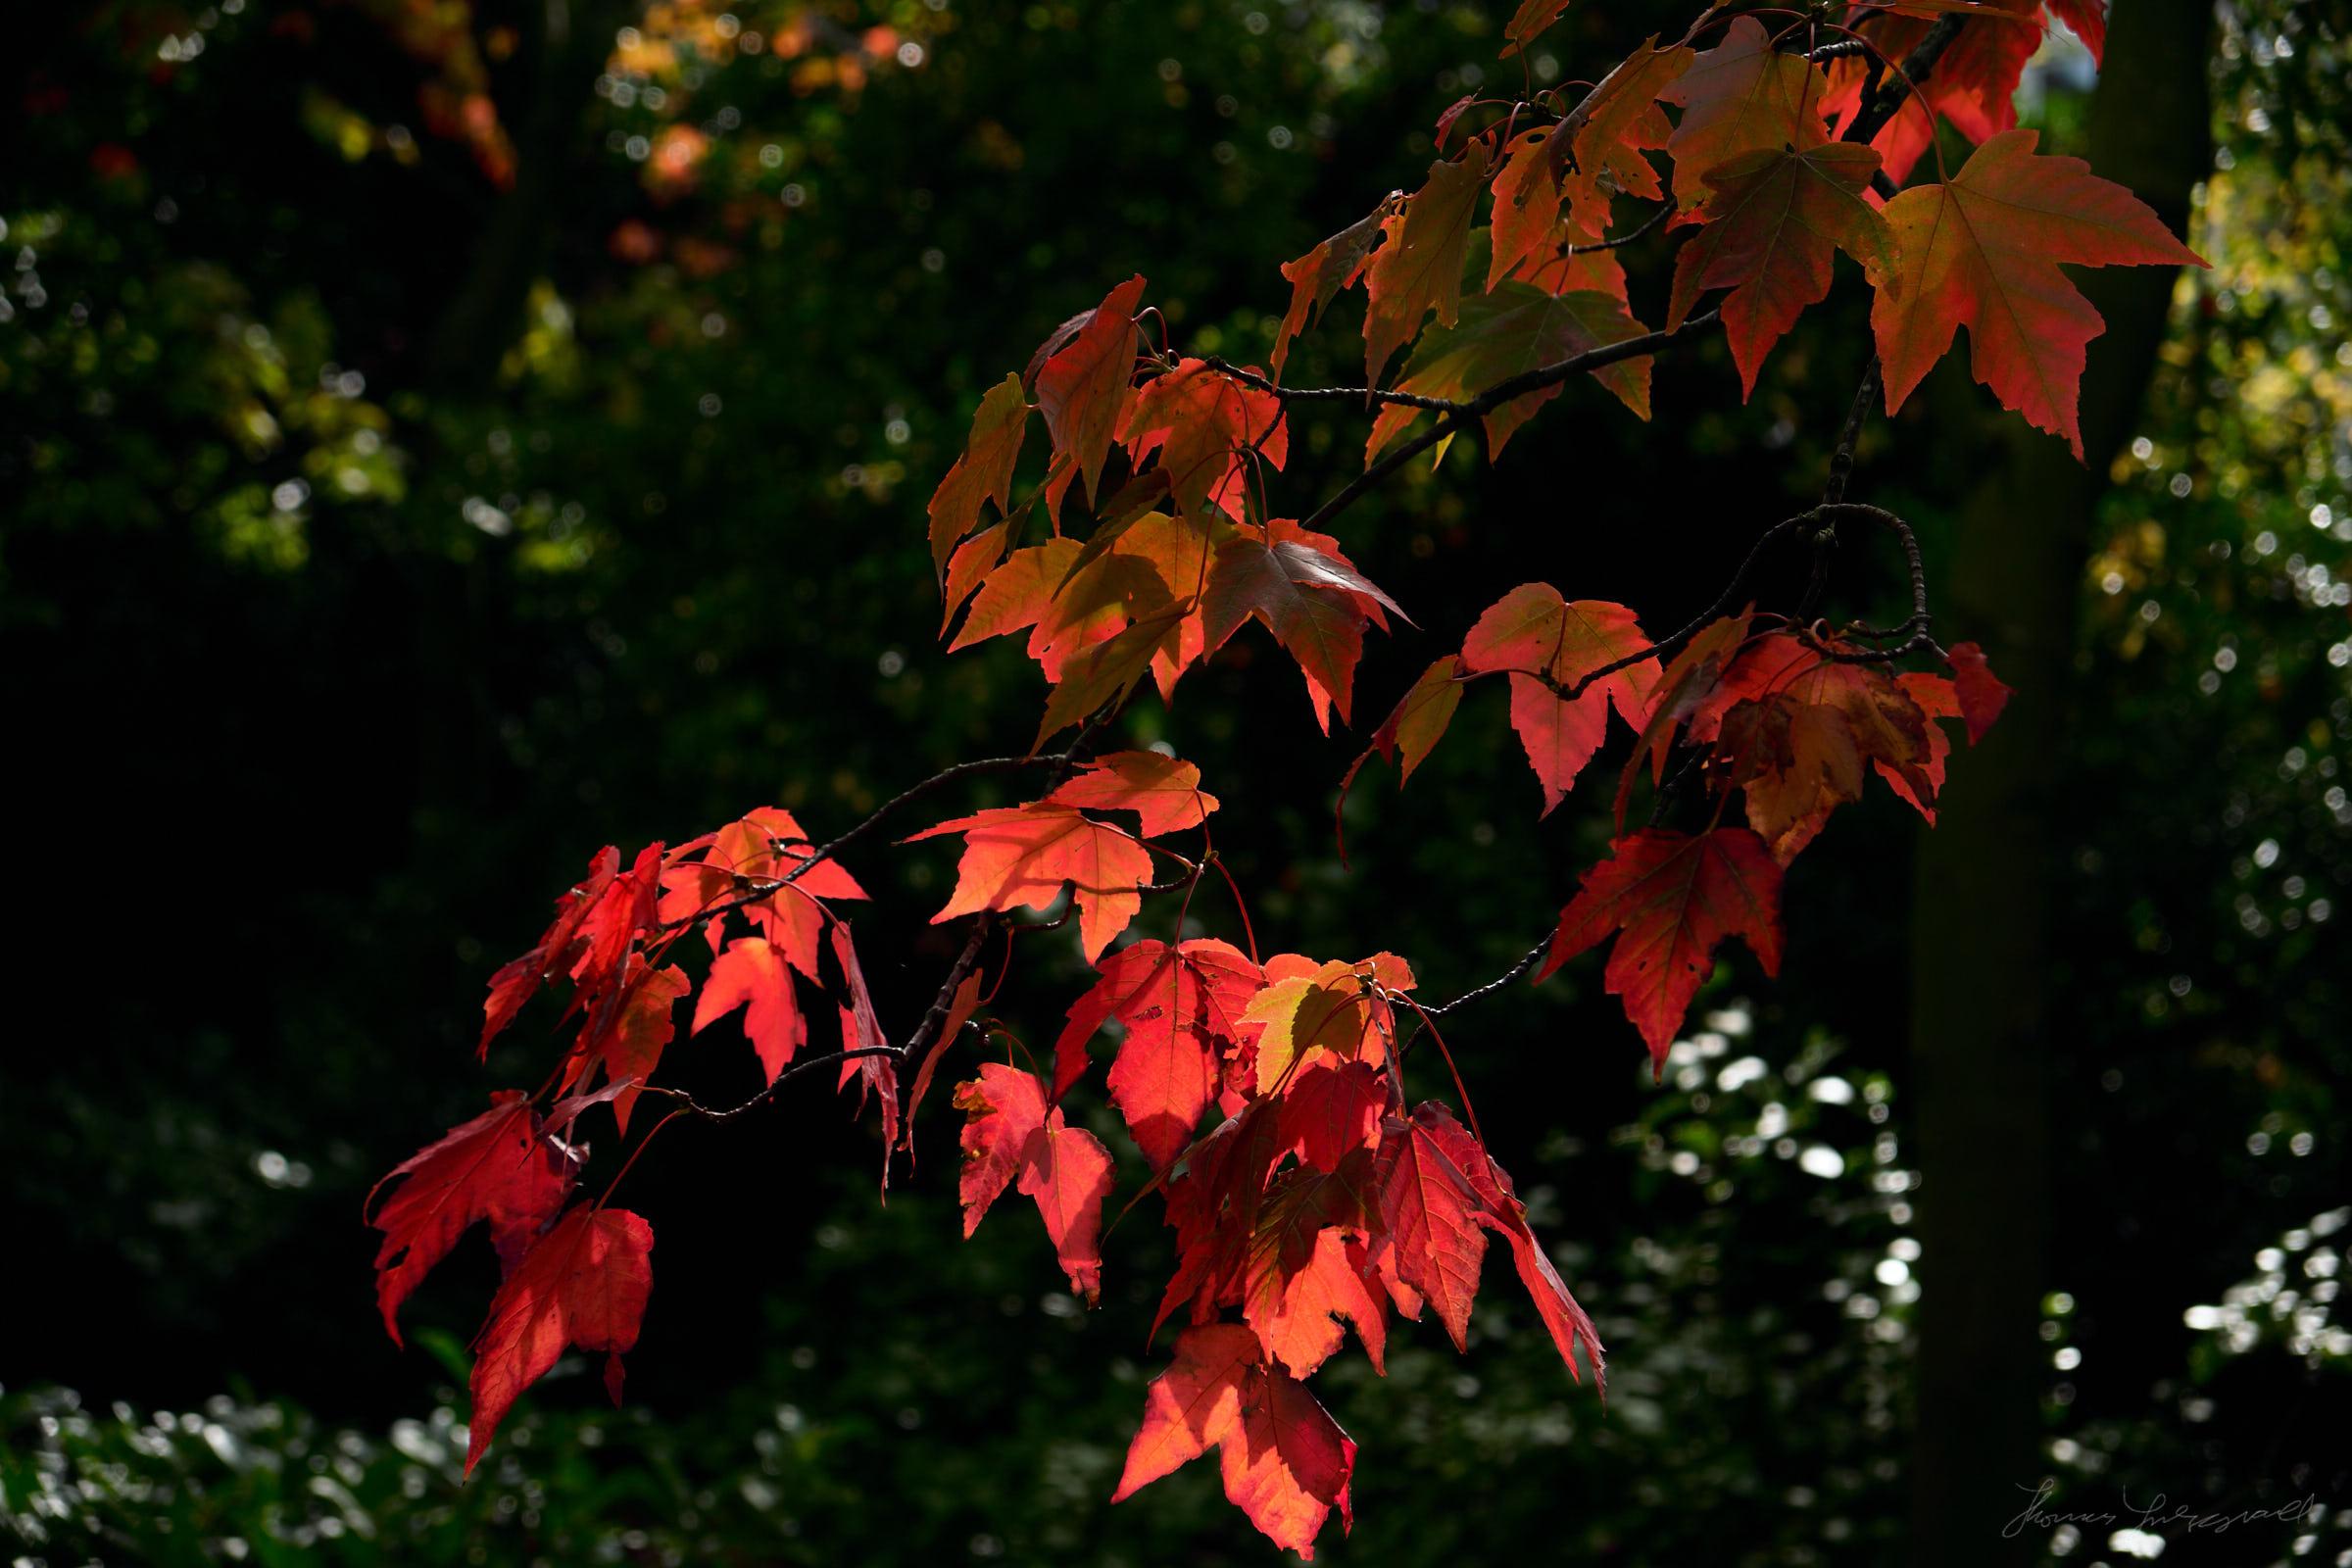 Street-and-park-autumn-468-Jpeg for Web.jpg